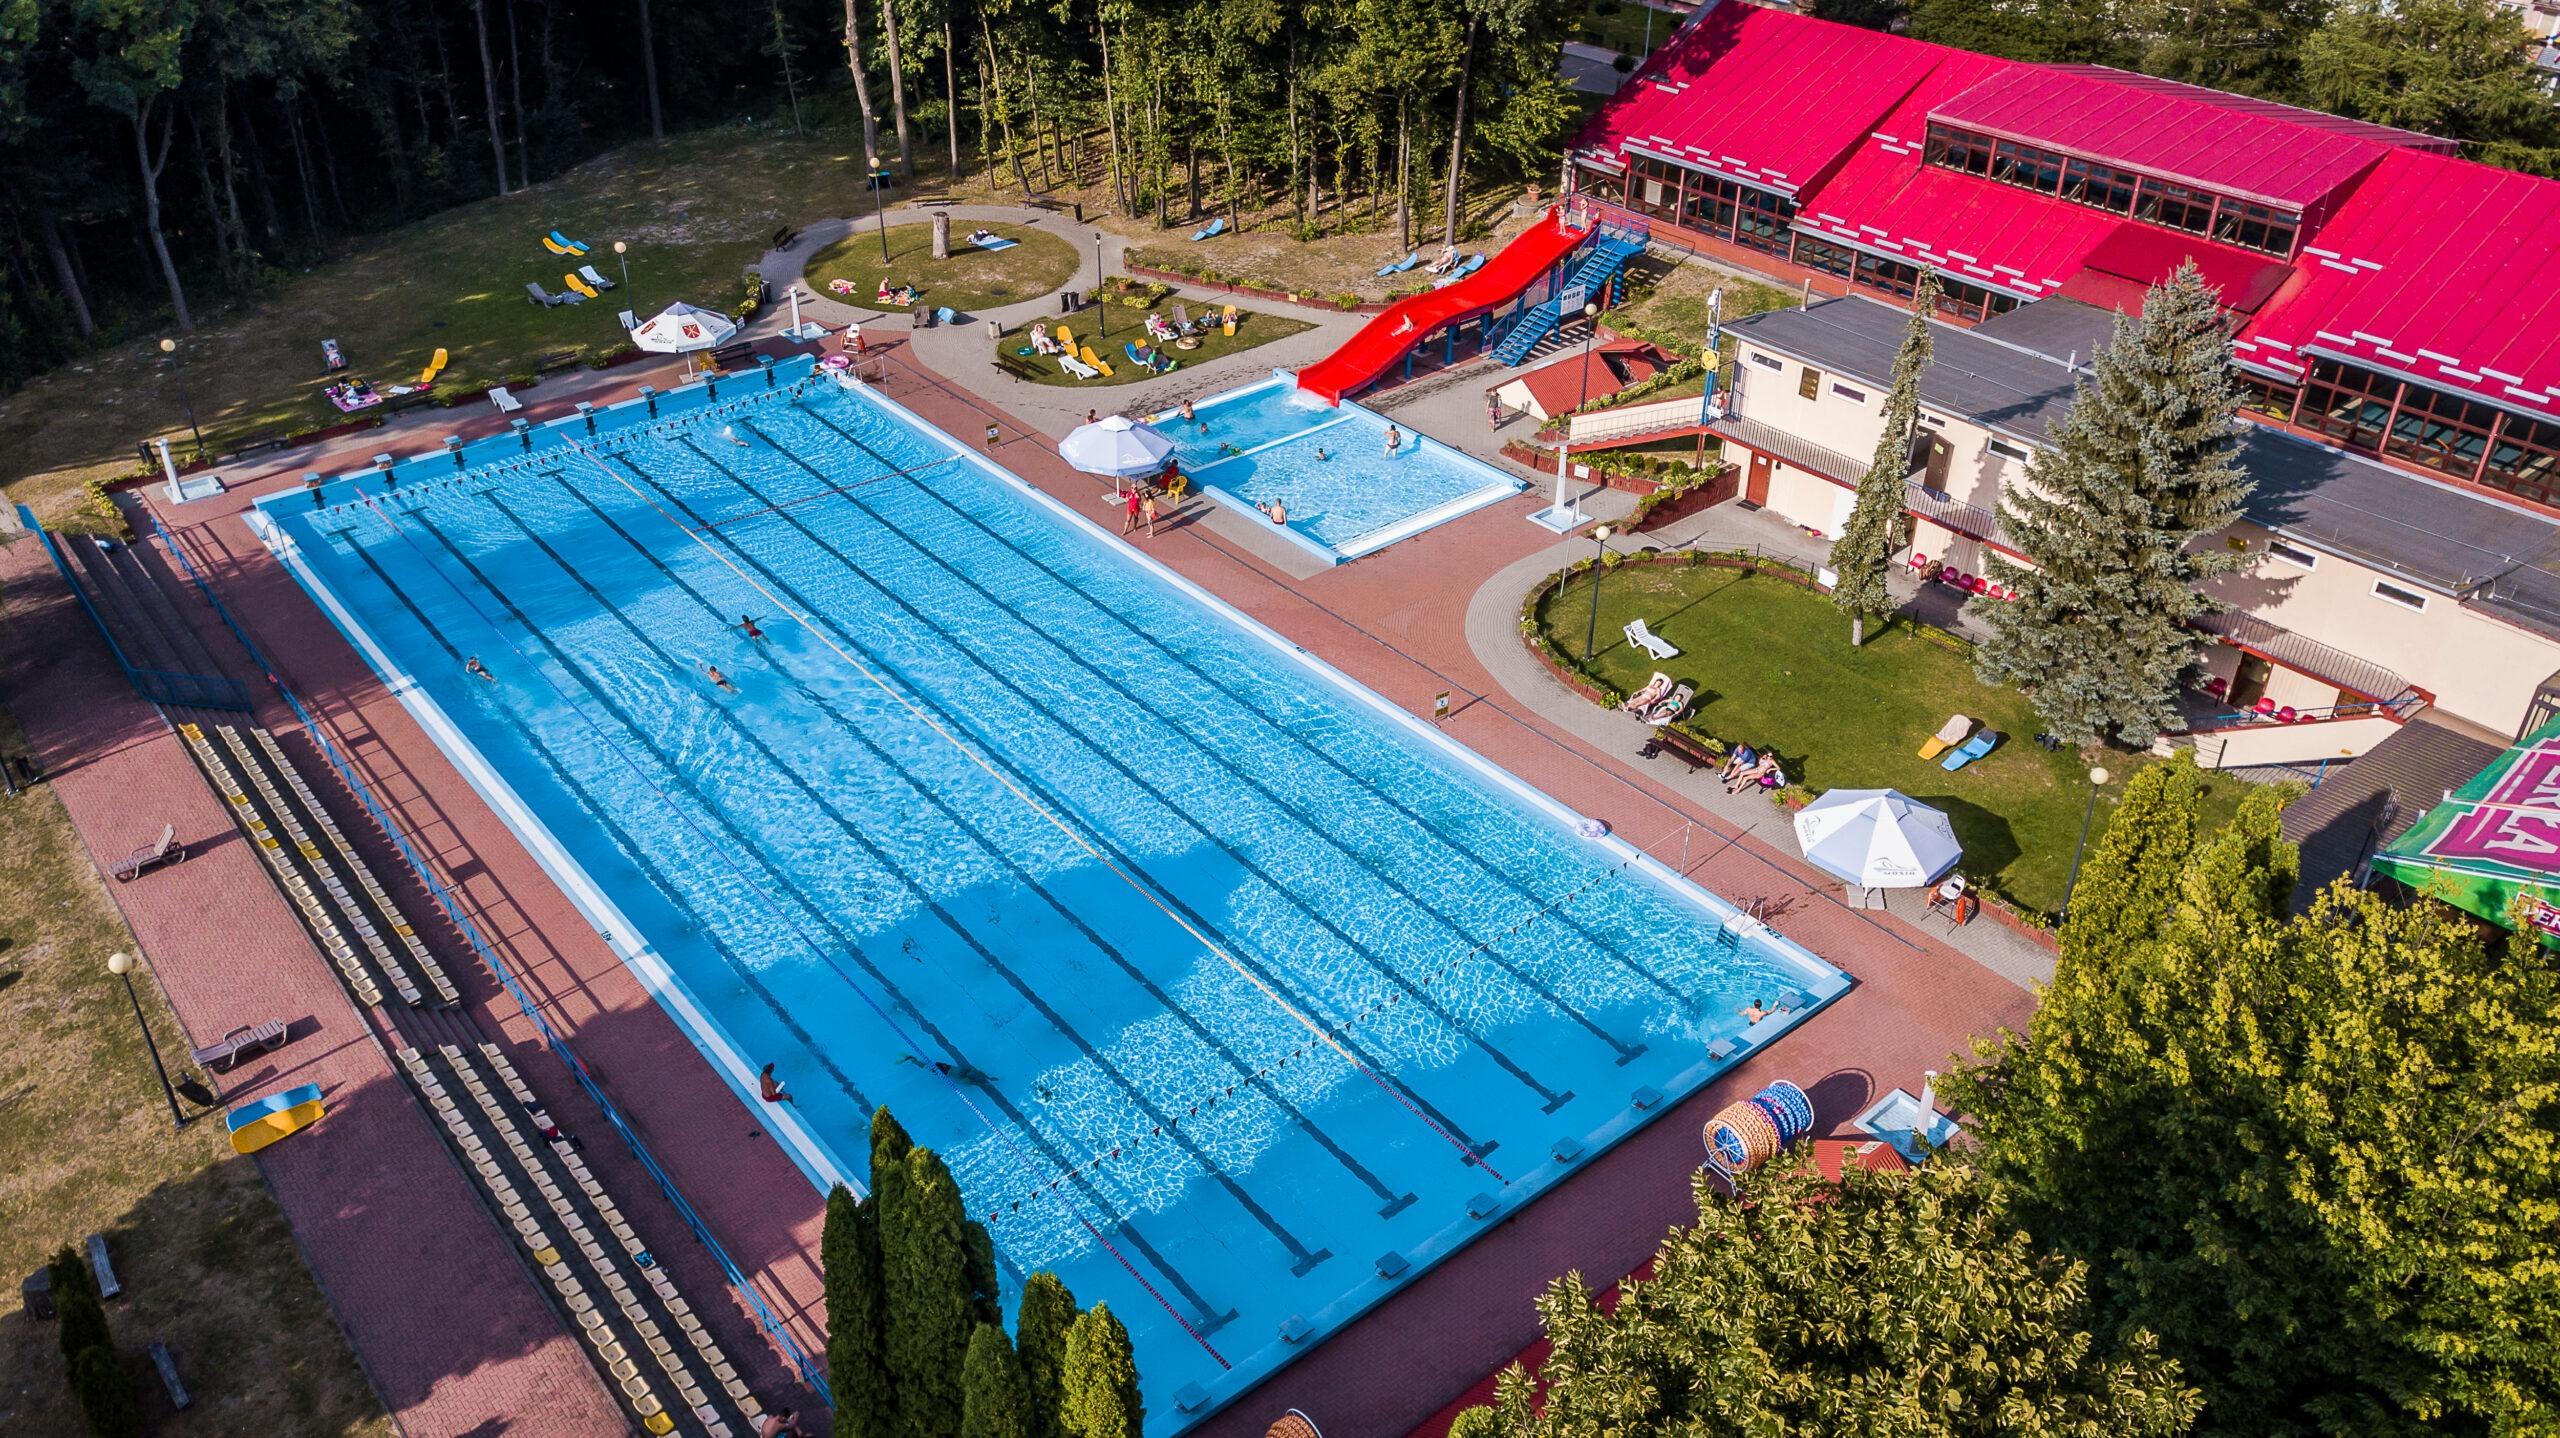 Zdjęcie przedstawia widok z drona na odkryty basen oraz budynek zakrytego basenu.